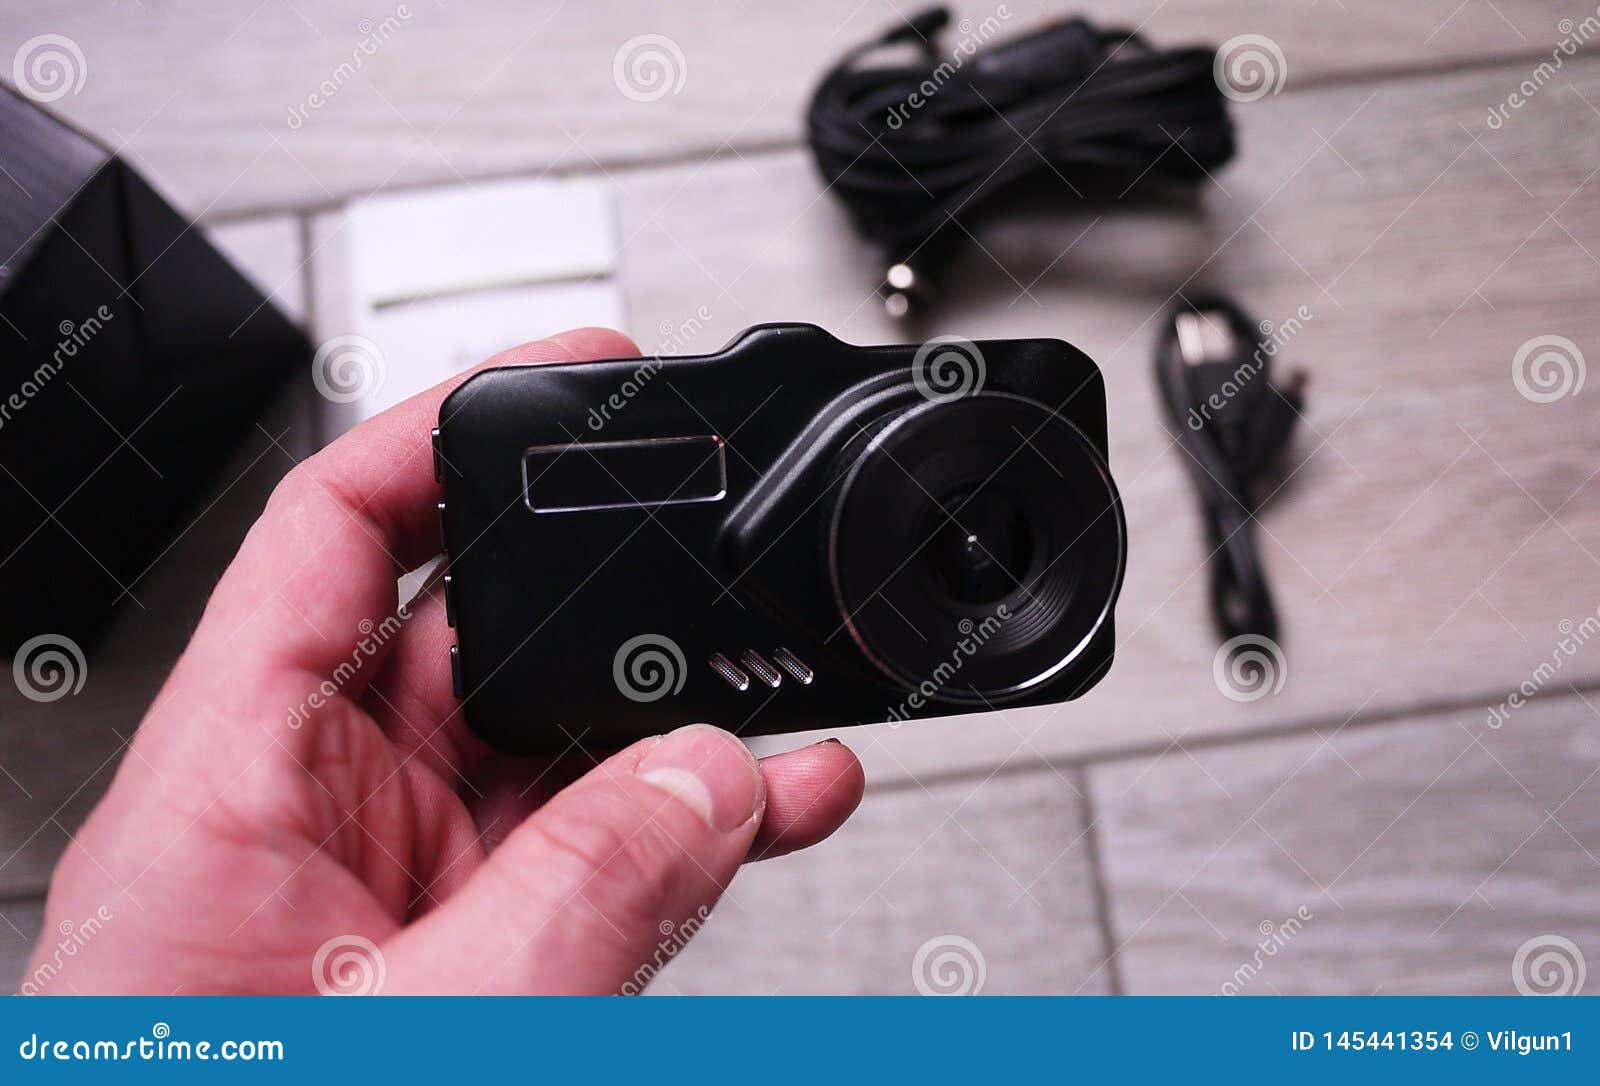 Gravador de v?deo para gravar a situa??o do tr?fego ao conduzir seu carro Pode ser usado nos carros e nos caminh?es